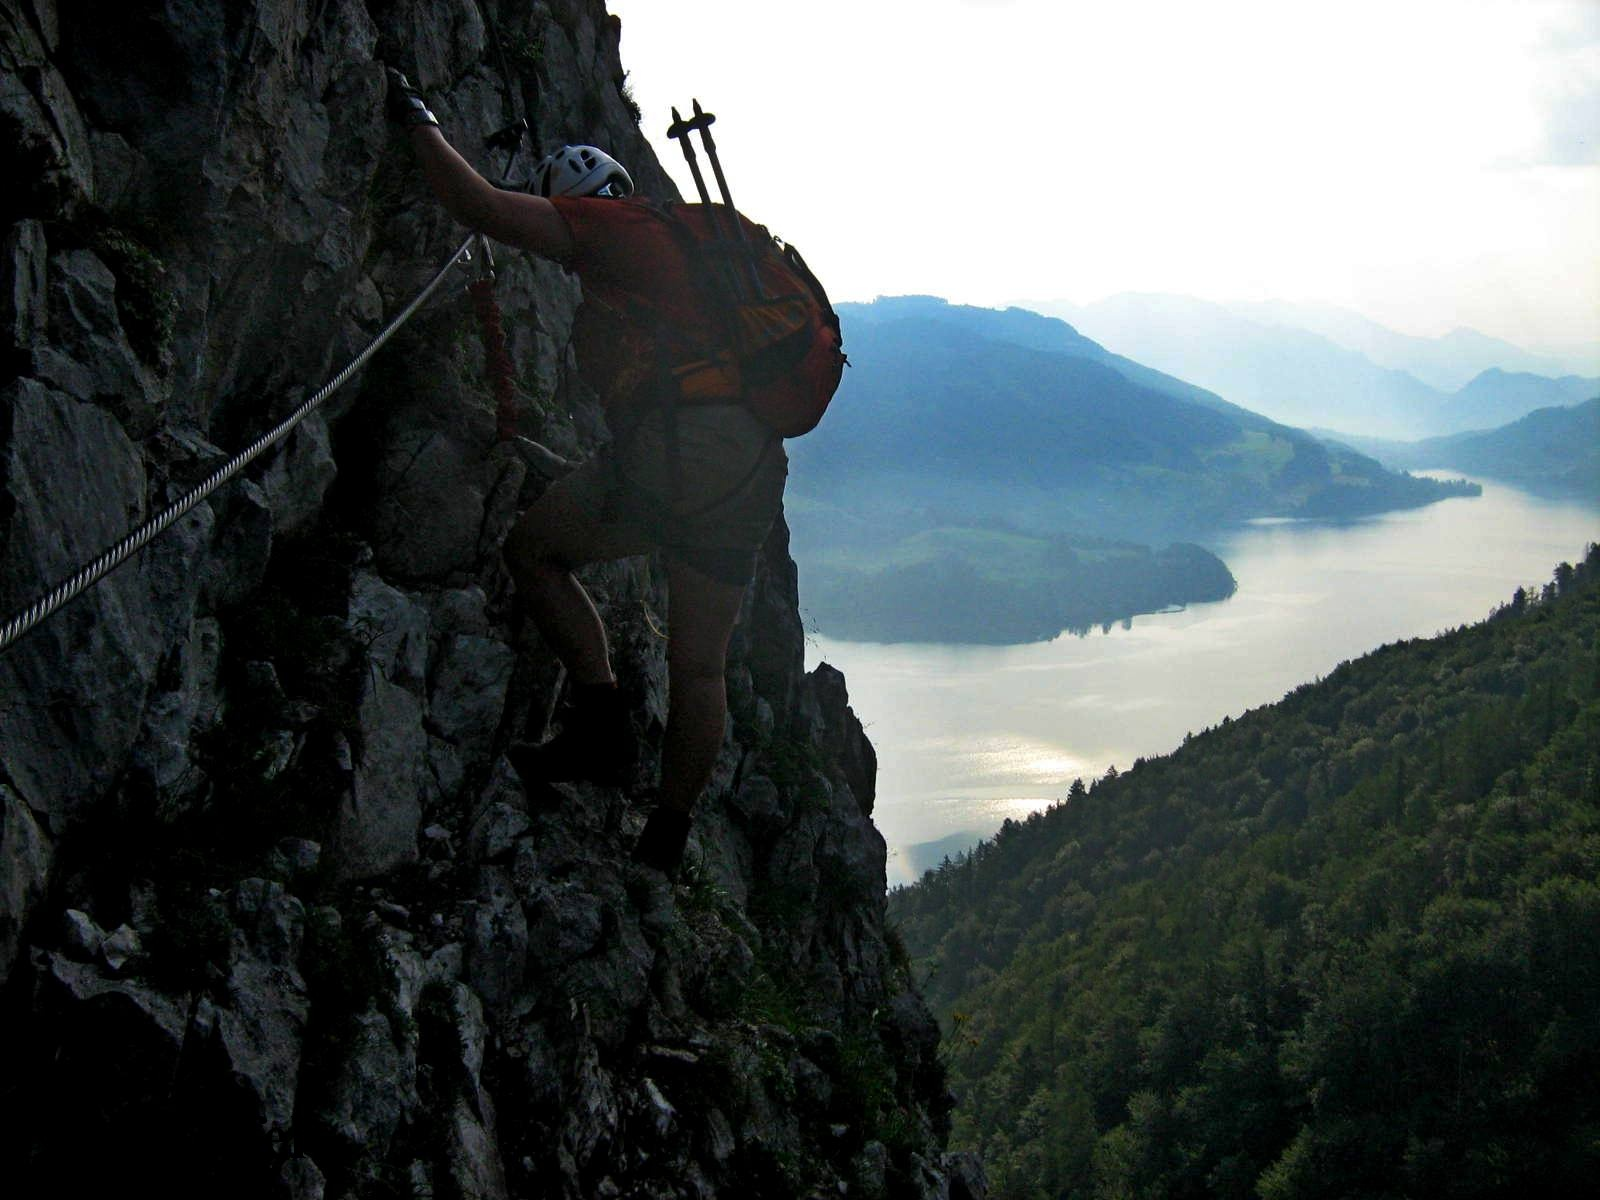 Klettersteig Drachenwand : Drachenwand klettersteig m u meine bergtouren